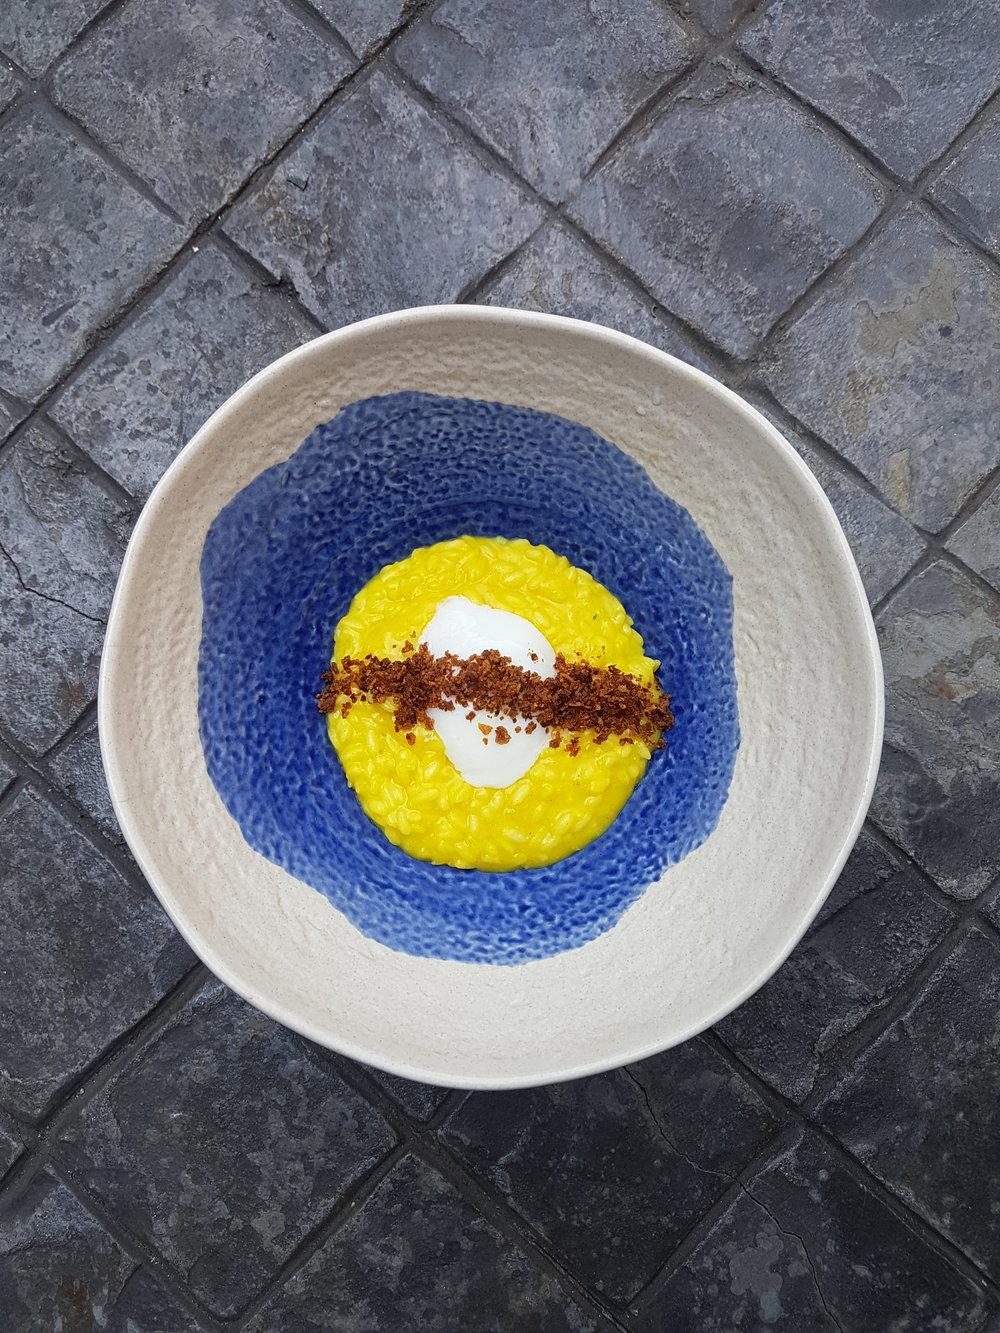 RISOTTO ALLO ZAFFERANO E UOVO | Saffron Risotto, slow-cooked egg & crispy pancetta